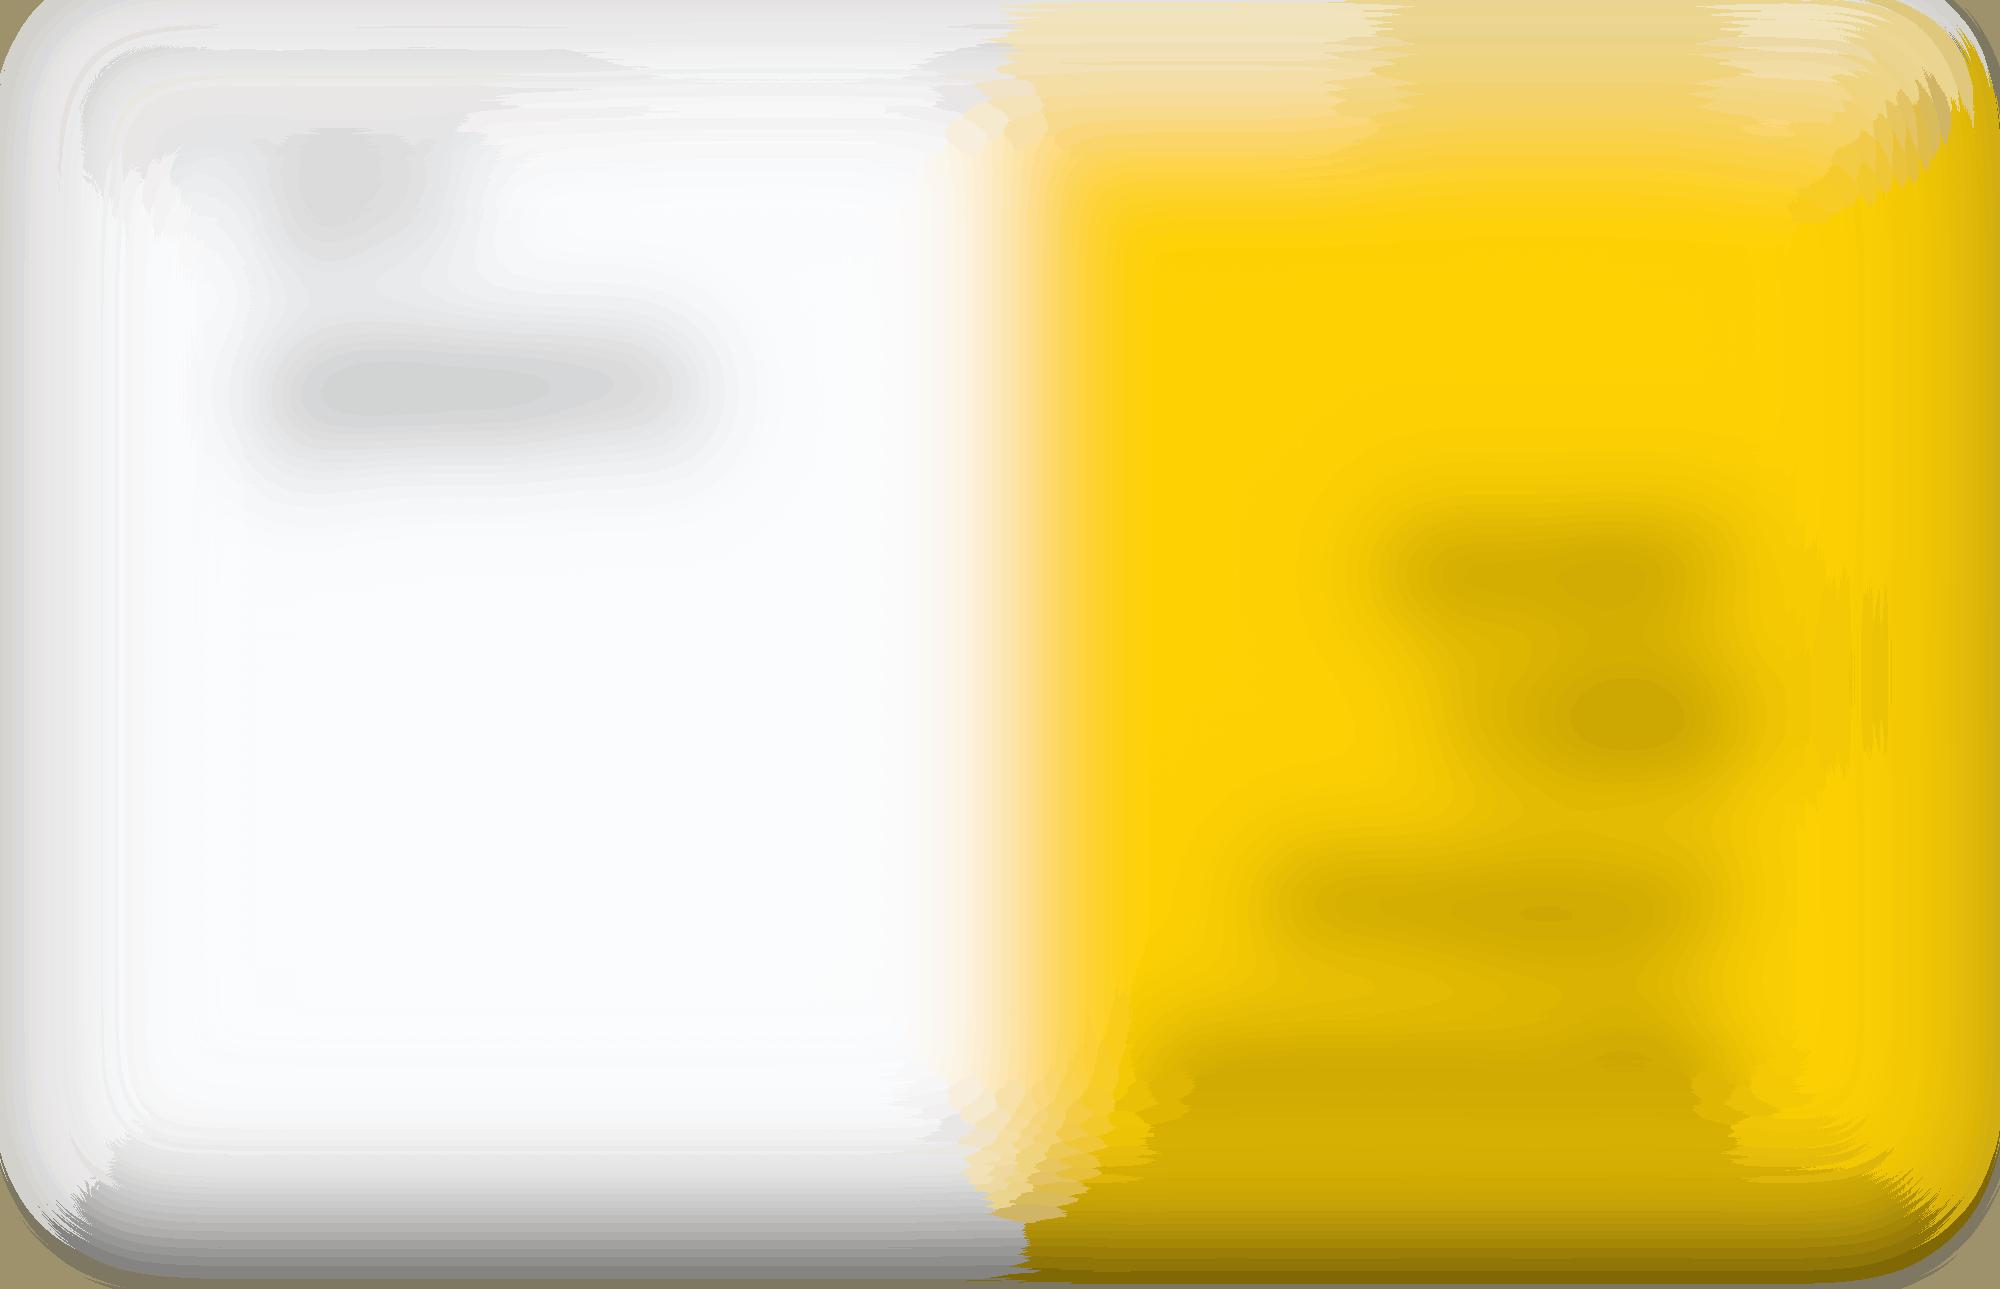 Screen Shot 2018 02 28 at 10 05 18 autocompressfitresizeixlibphp 1 1 0max h2000max w3 D2000q80sffded7c8fdb0fd8266ef6ddfaa171c15